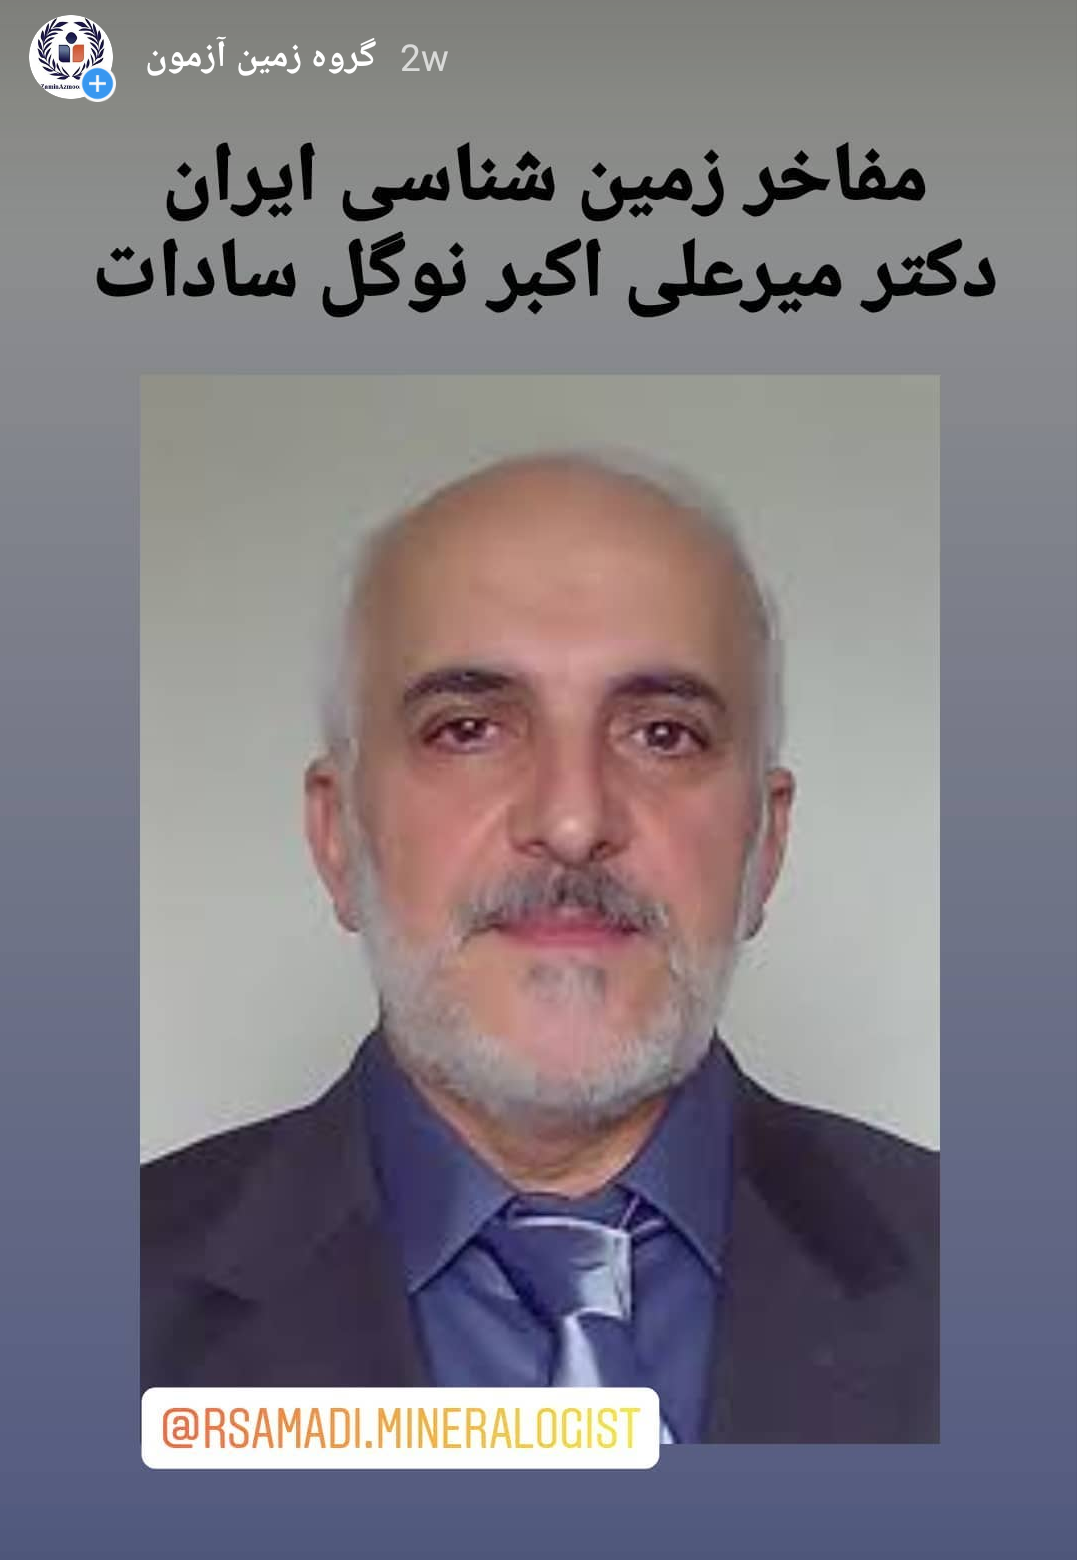 دکتر میر علی اکبر نوگل سادات